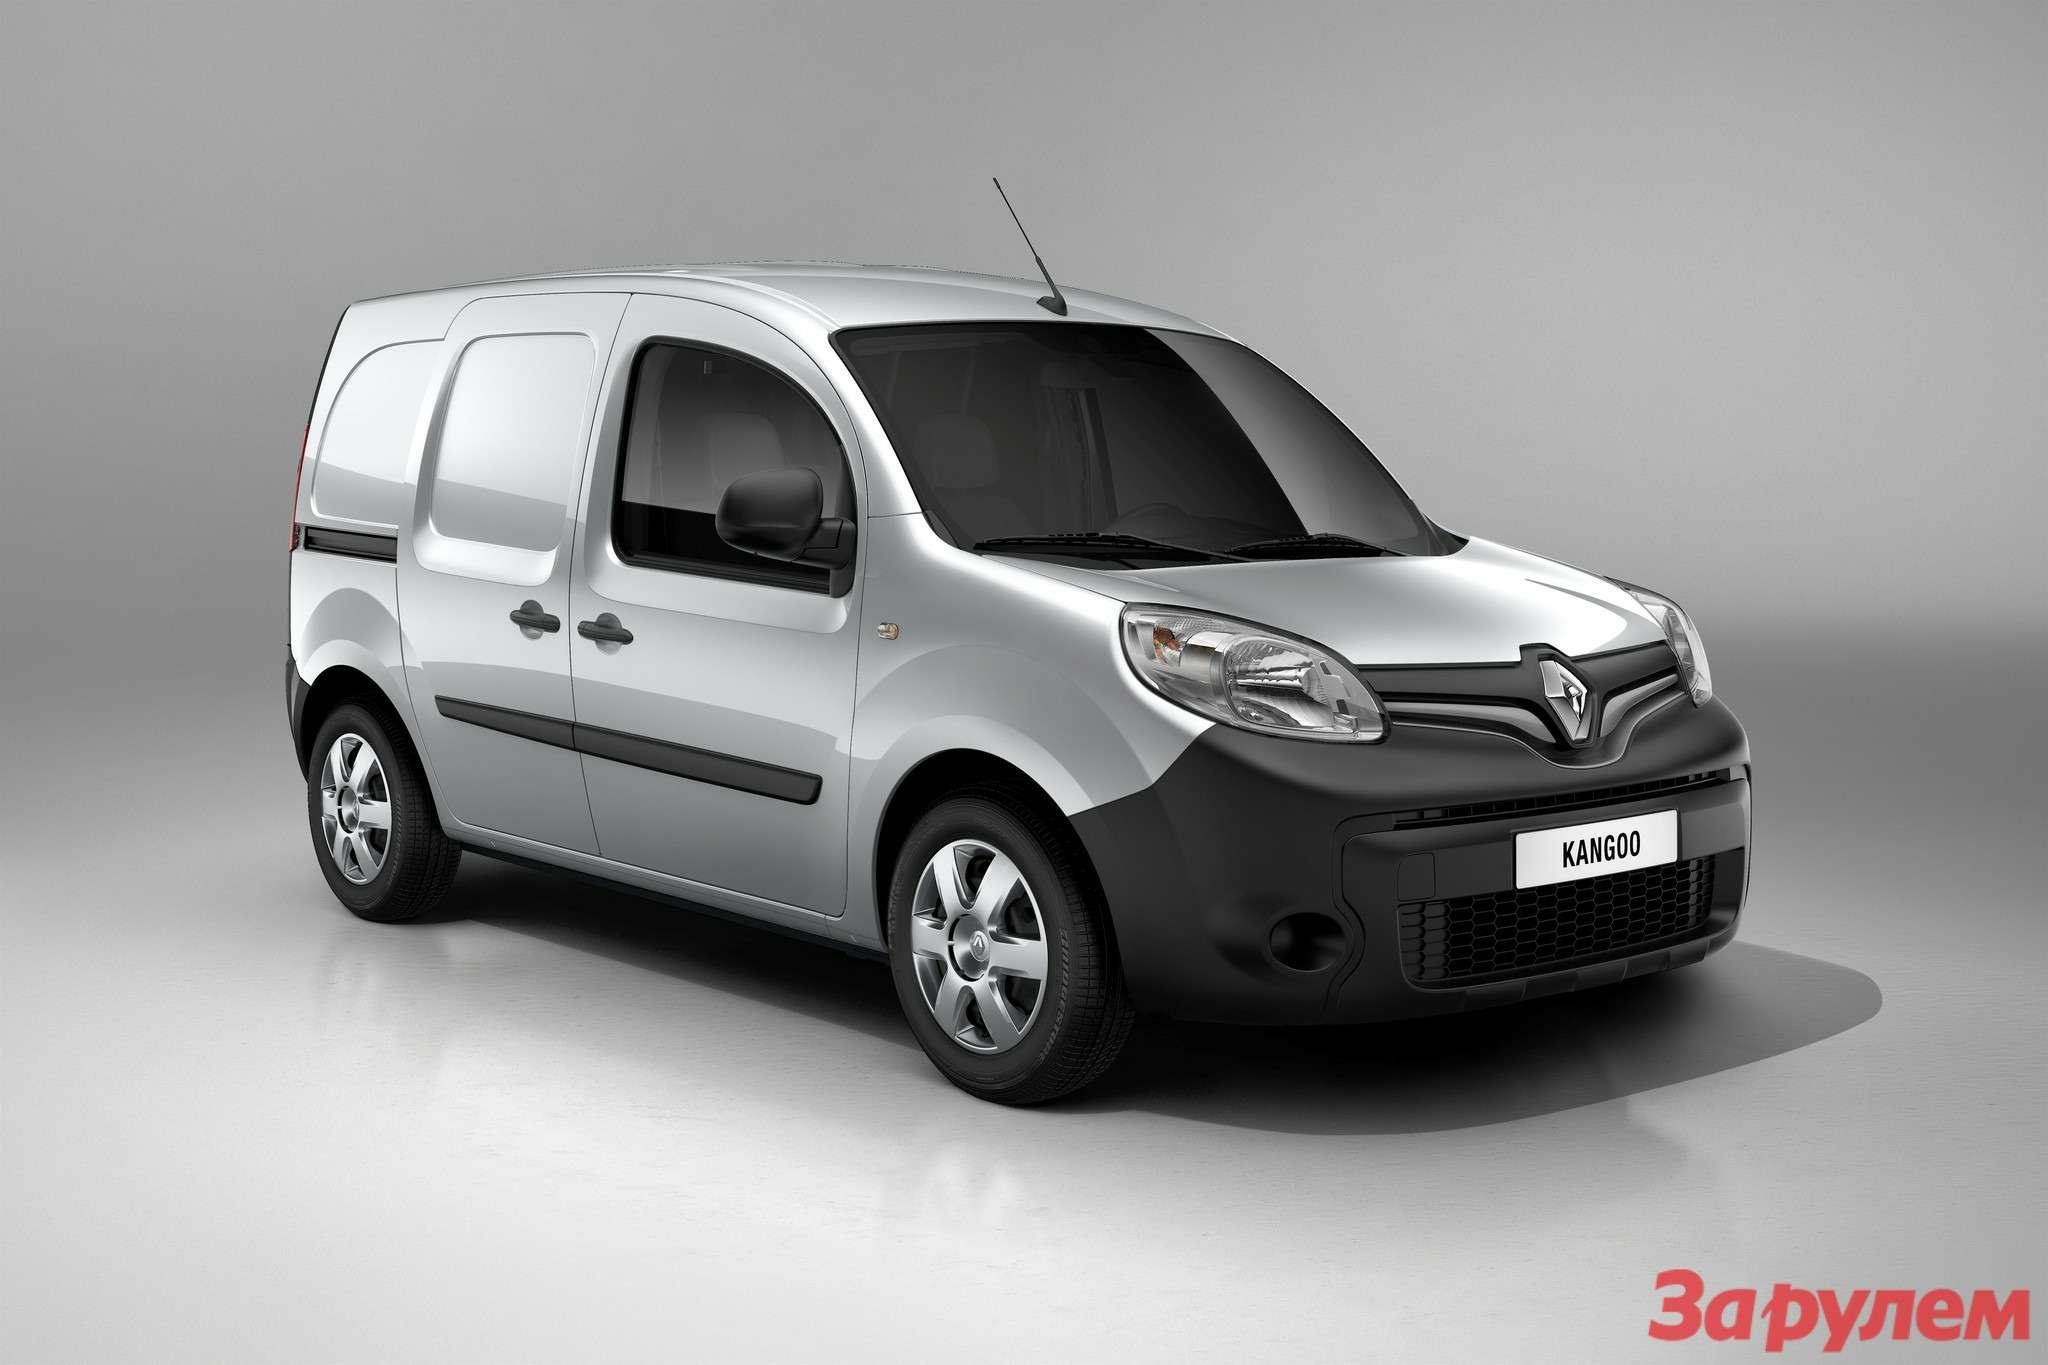 Renault_43466_global_en